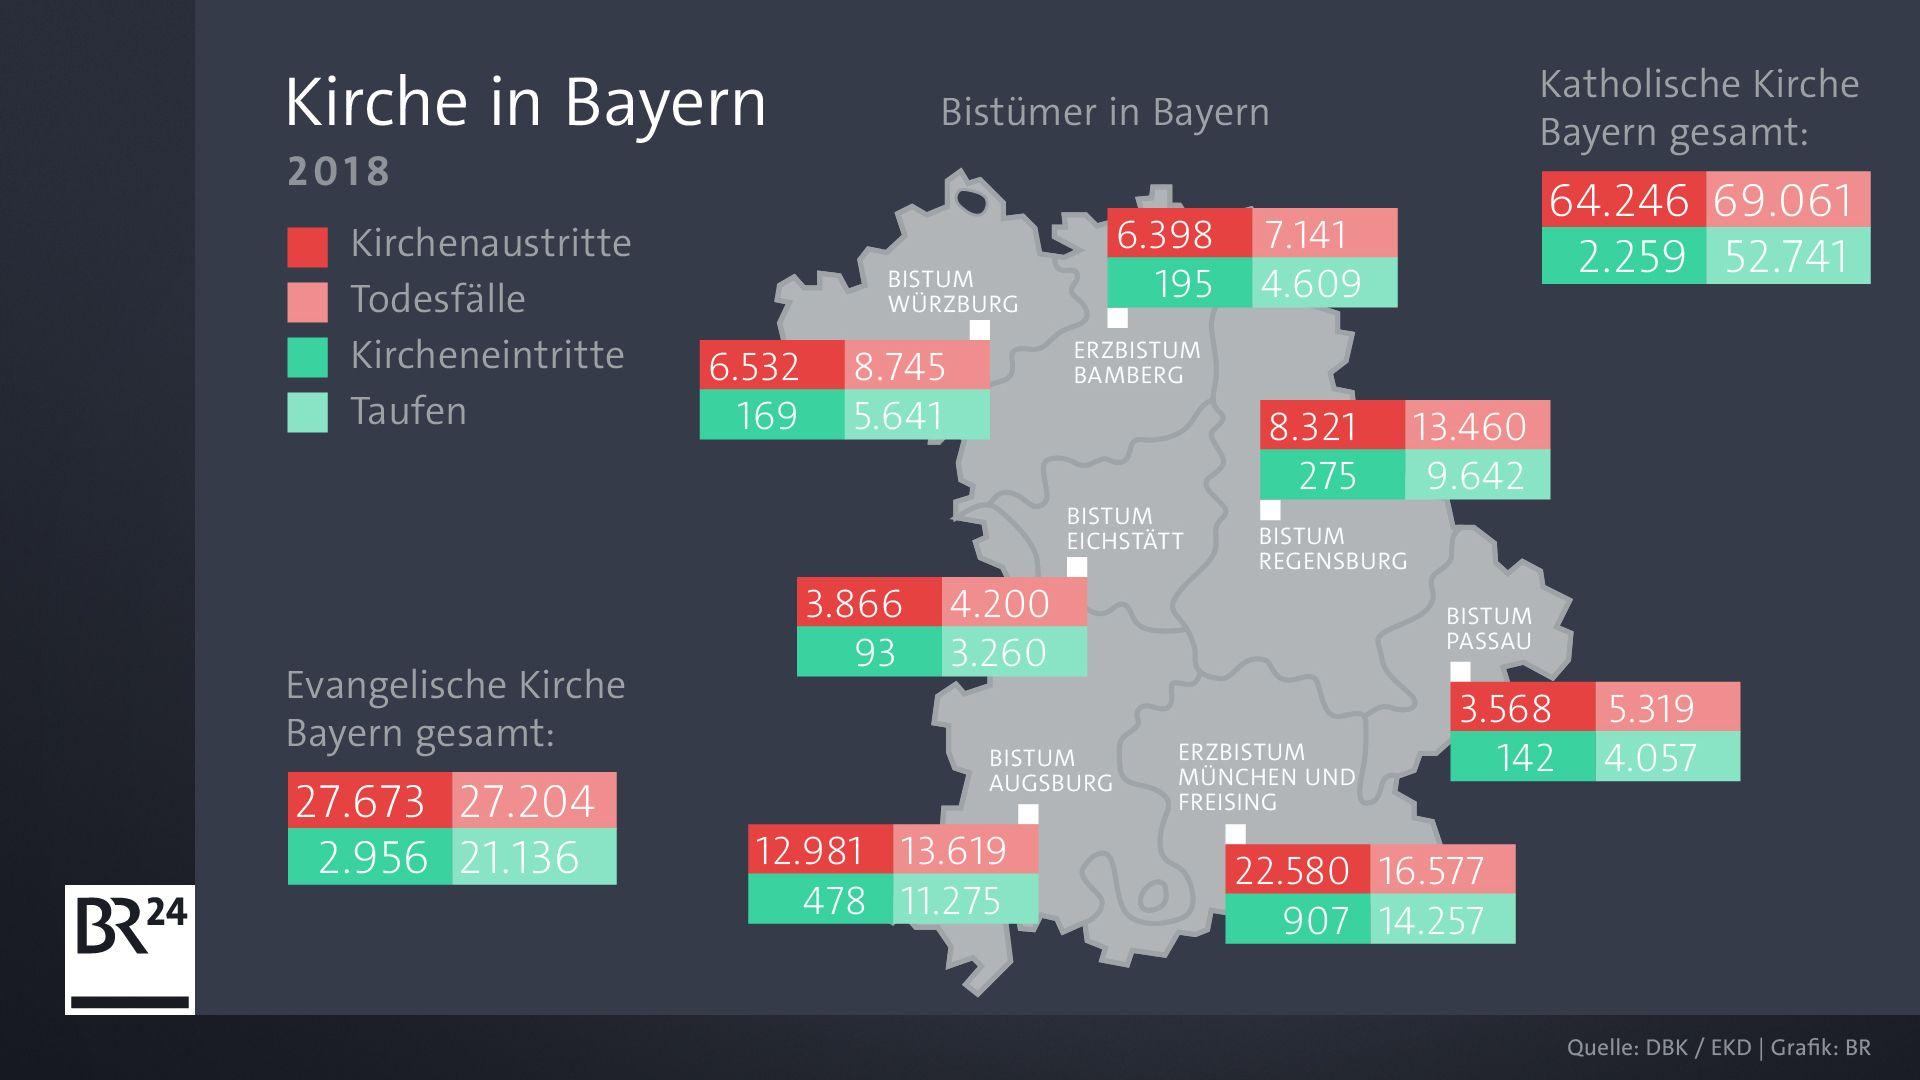 Kirche in Bayern 2018: Kirchenaustritte, Todesfälle, Kircheneintritte und Taufen